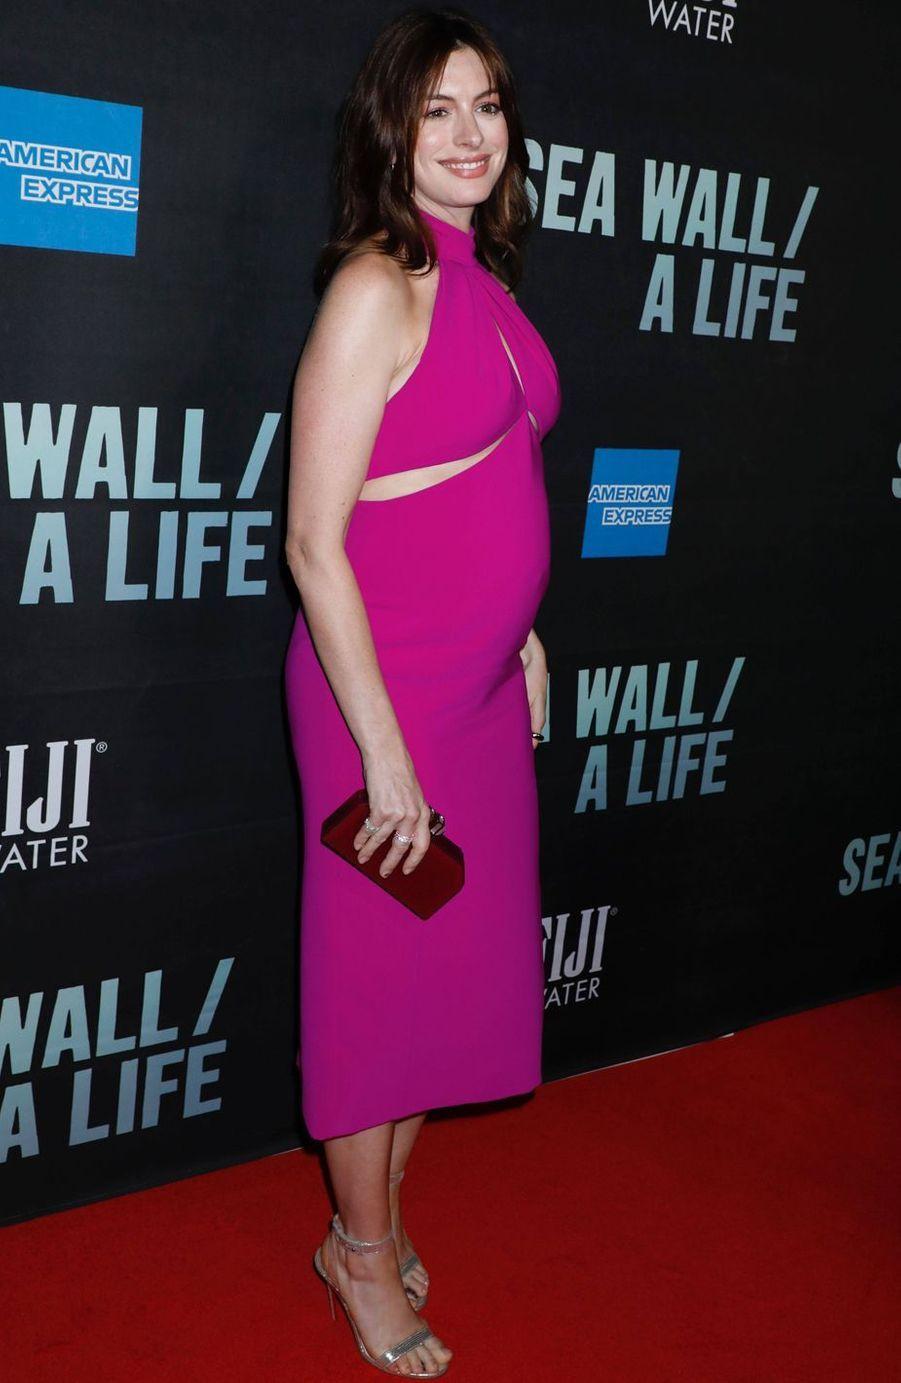 Anne Hathaway à la première de la pièce Broadway «Sea Wall / A Life» à New York le 8 août 2019